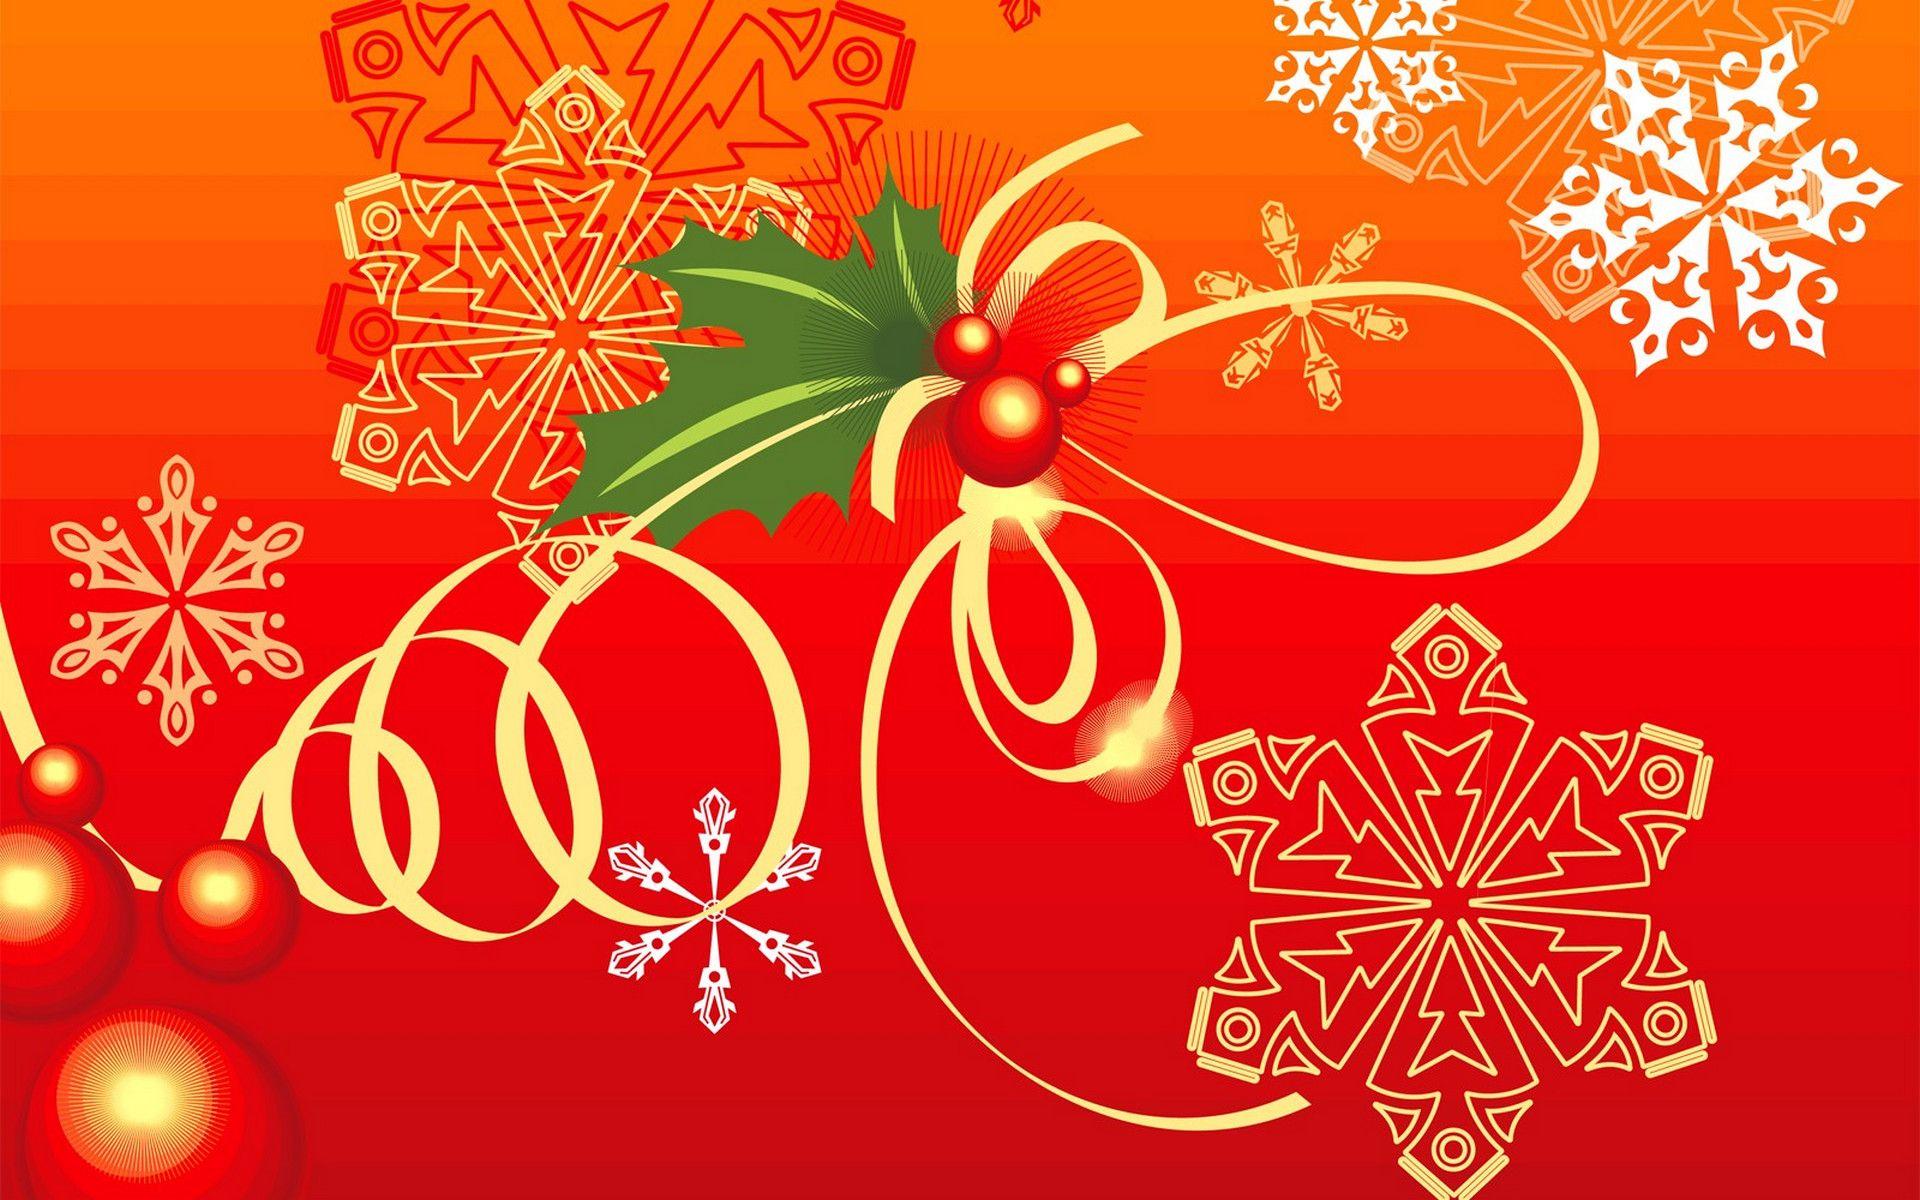 Christmas greetings wallpapers christmas greetings39 christmas greetings wallpapers christmas greetings39 m4hsunfo